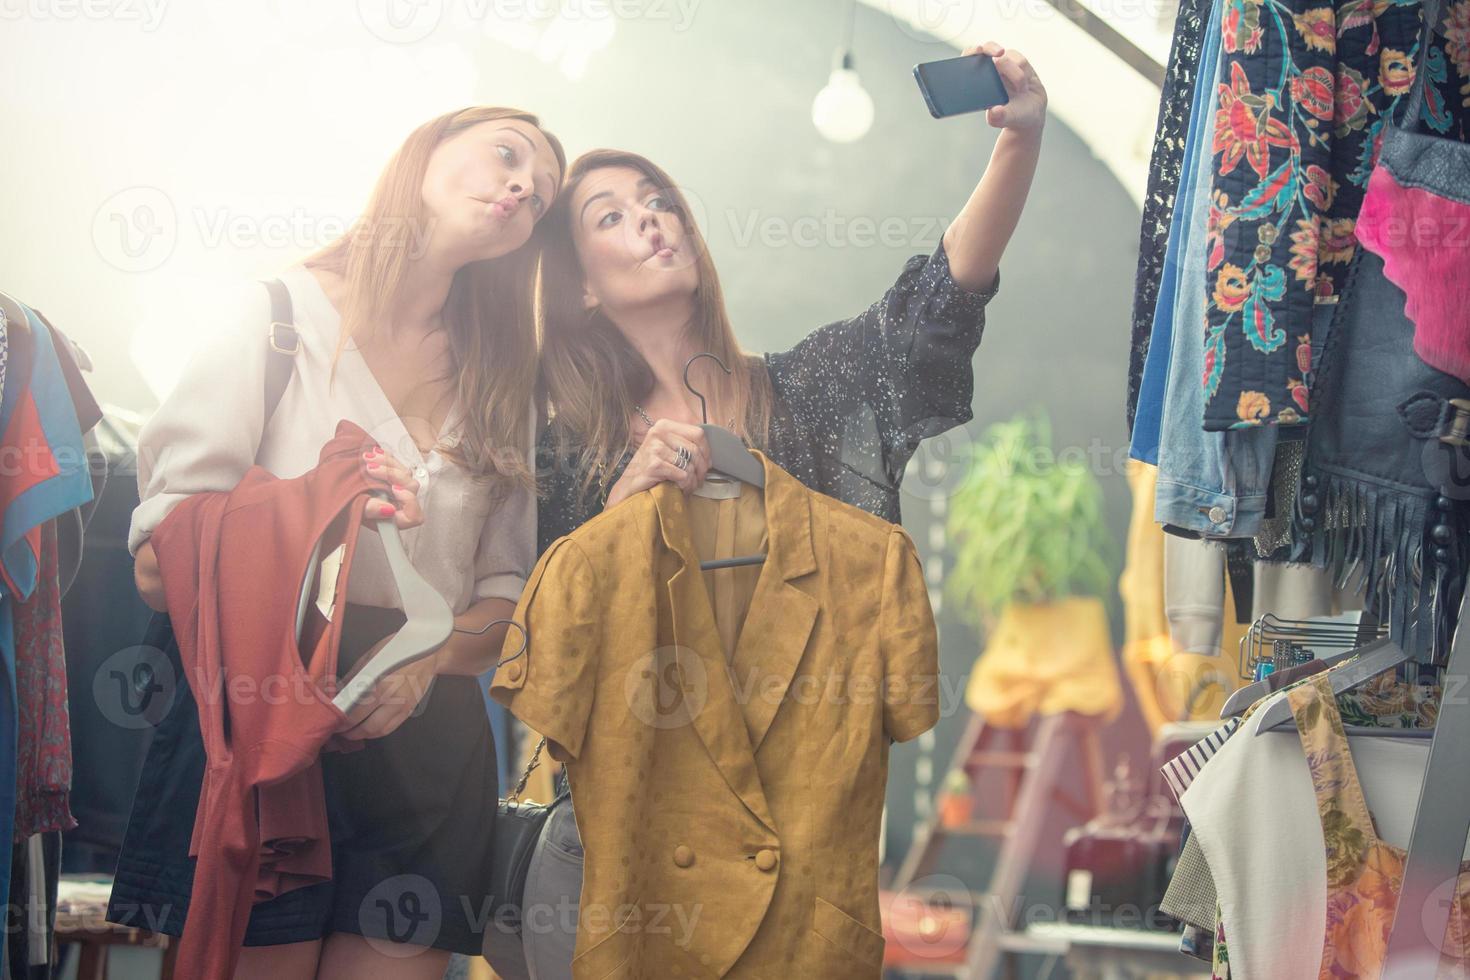 jóvenes amigas rubias y marrones disfrutan en una tienda de ropa de segunda mano foto